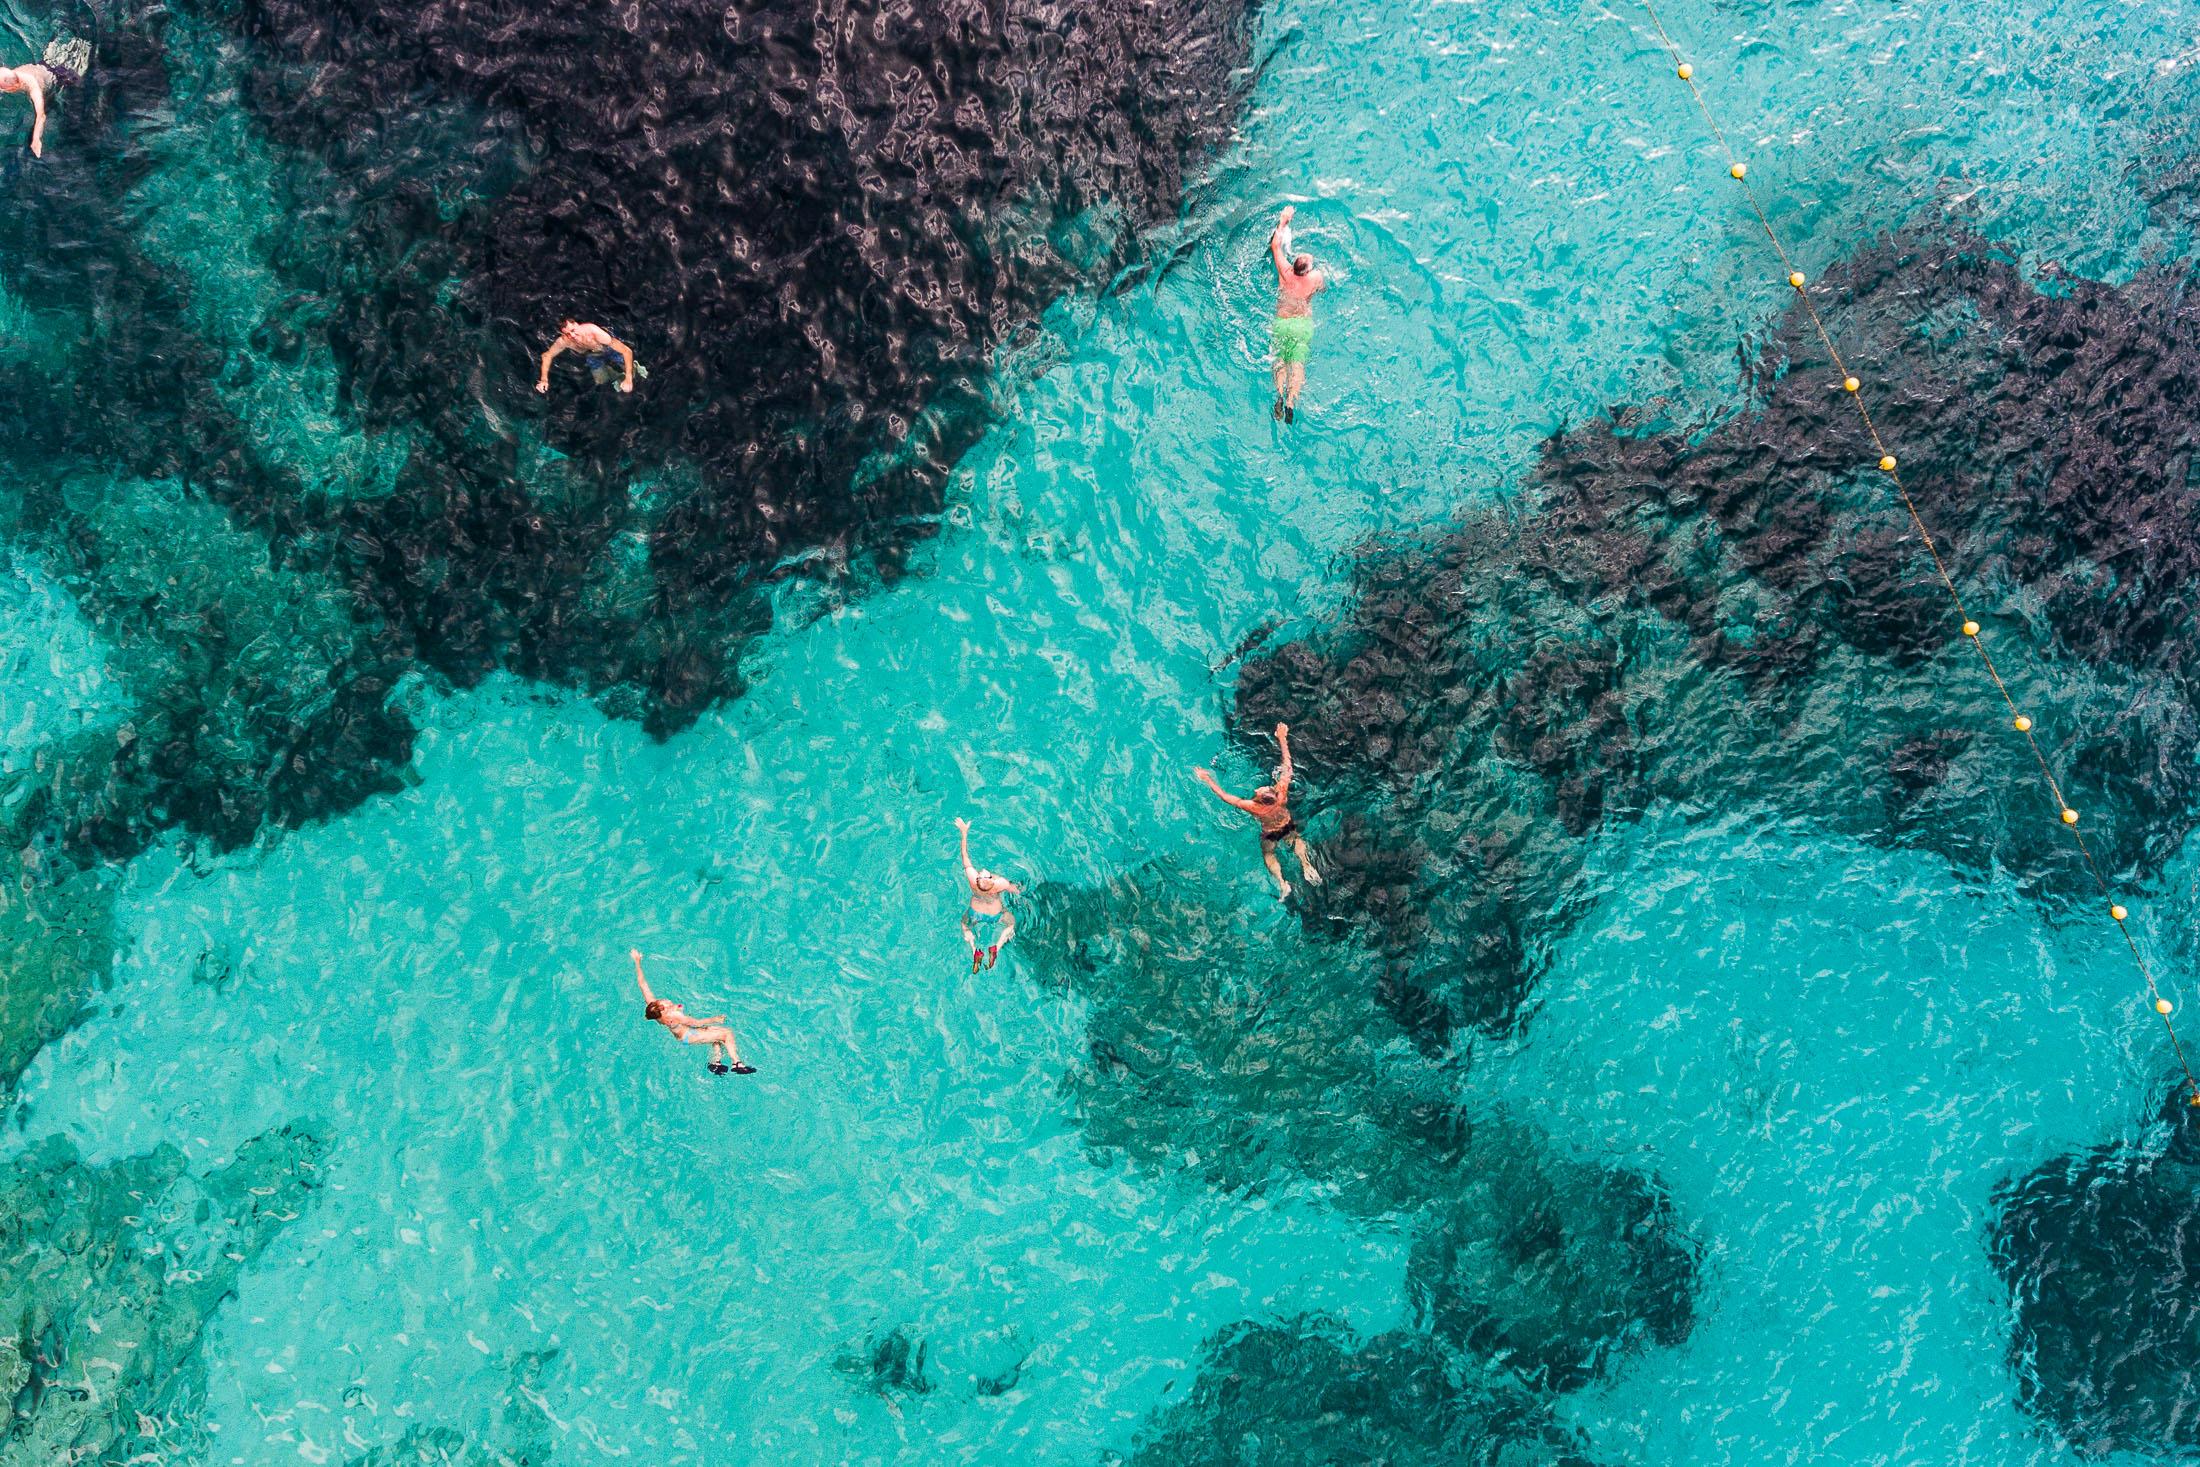 Swimmers, Croatia